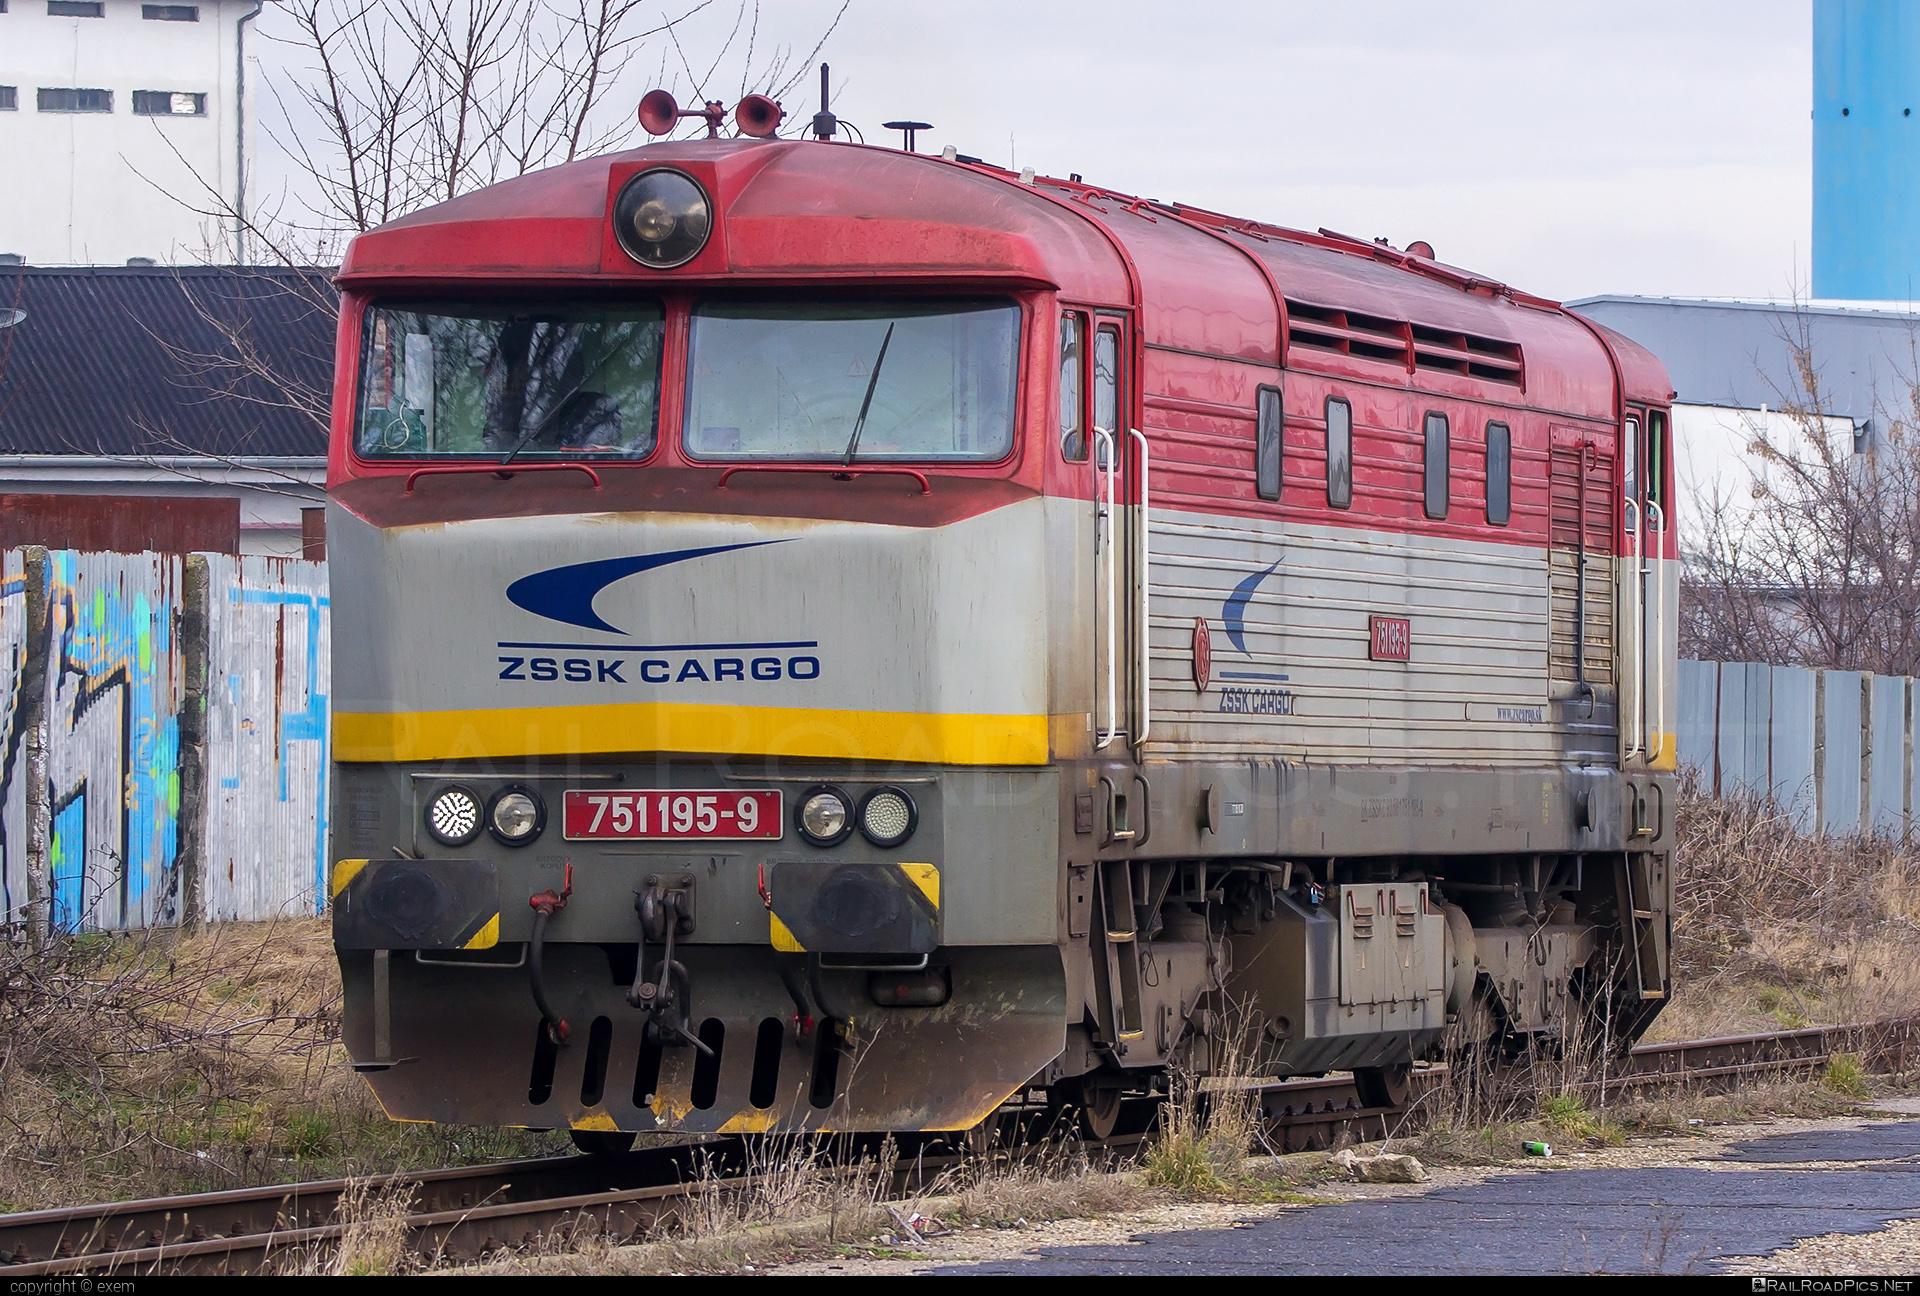 ČKD T 478.1 (751) - 751 195-9 operated by Železničná Spoločnost' Cargo Slovakia a.s. #ZeleznicnaSpolocnostCargoSlovakia #bardotka #ckd #ckd4781 #ckd751 #ckdt4781 #zamracena #zsskcargo